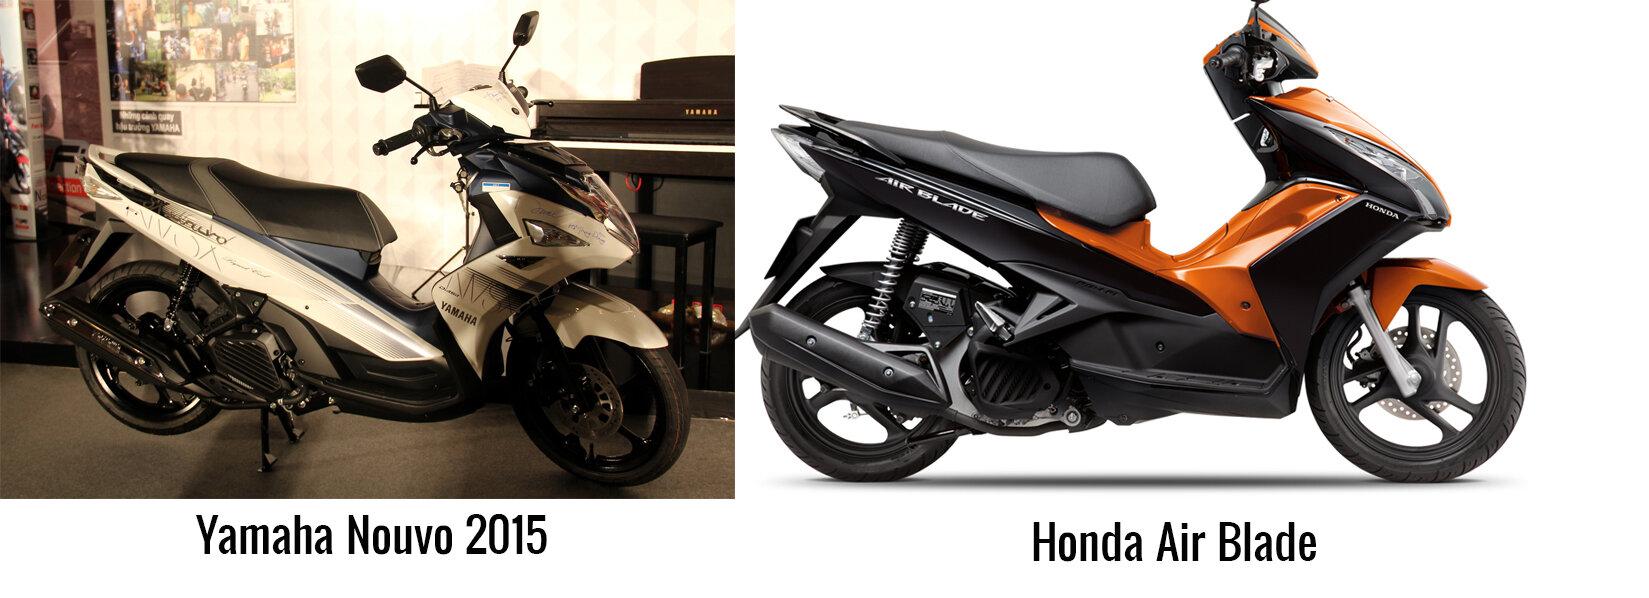 Nhn Li Lch S Cc Dng Xe My Yamaha Nouvo Nuvo Sinh Vin Mi Ra Trng Nn Chn Mua Honda Air Blade Hay